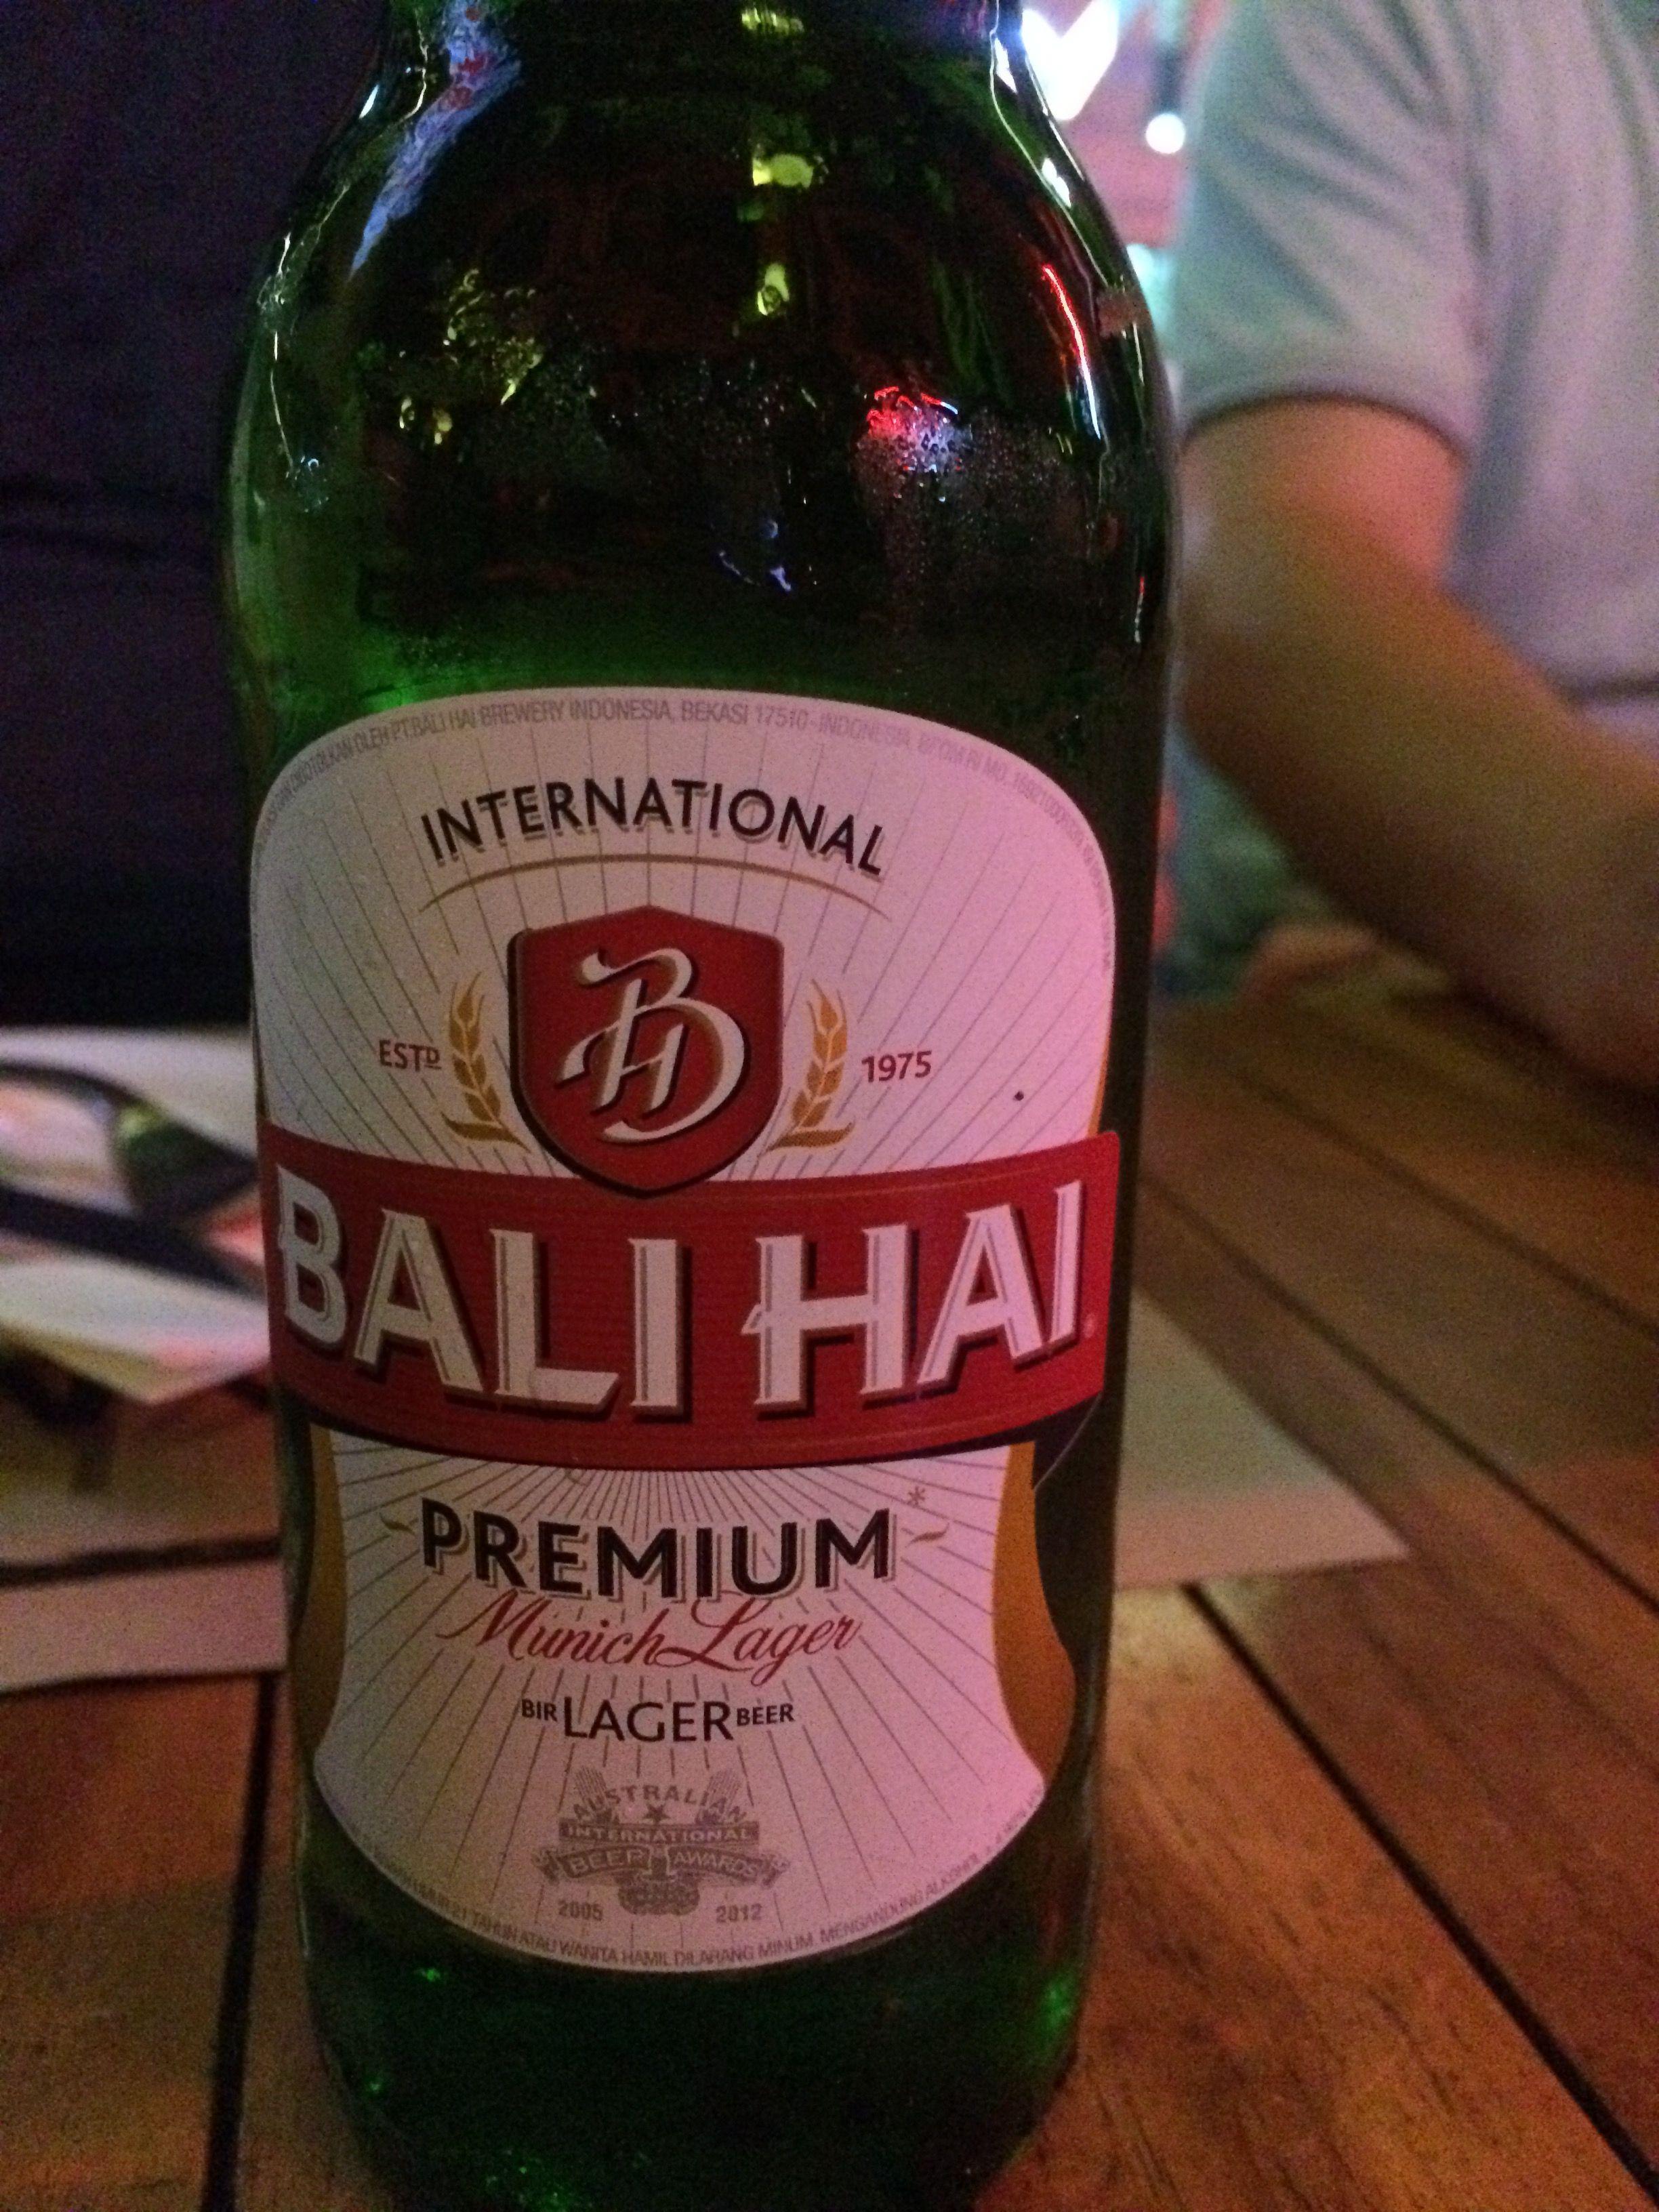 Bier Uit Bali Bali Hai Beer Bali Wine Bottle